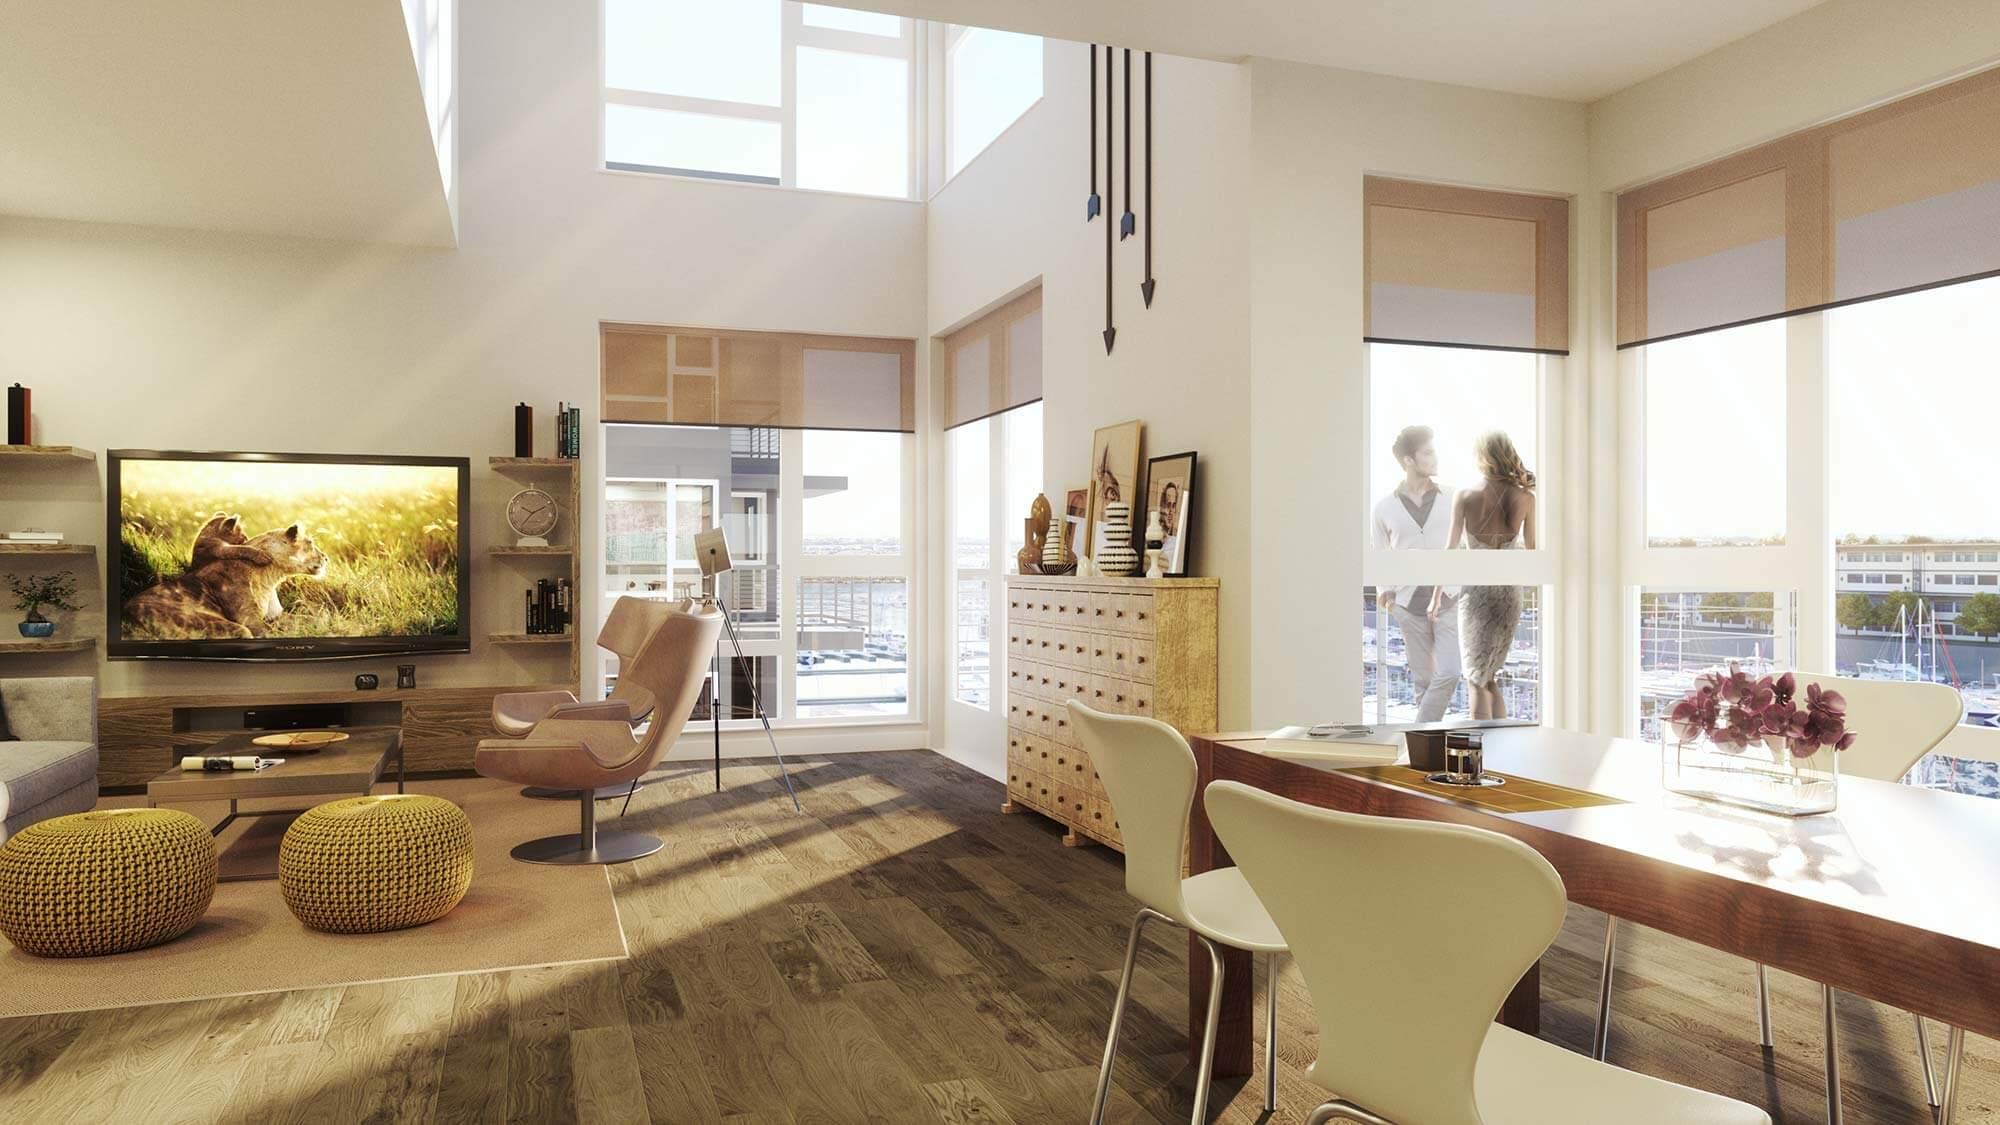 Amli-Renderings-Interior.jpg